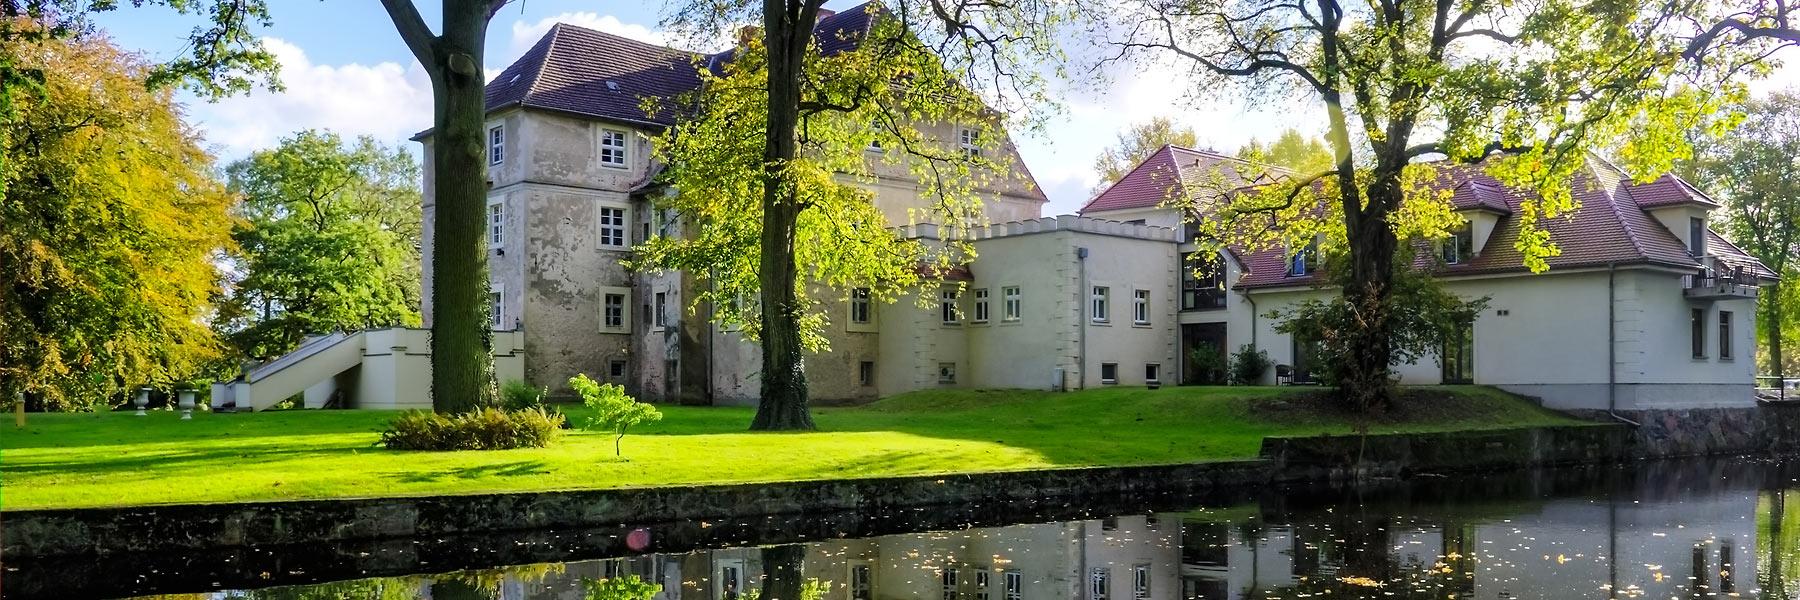 Schloss Mellenthin - Usedom (Stadt)